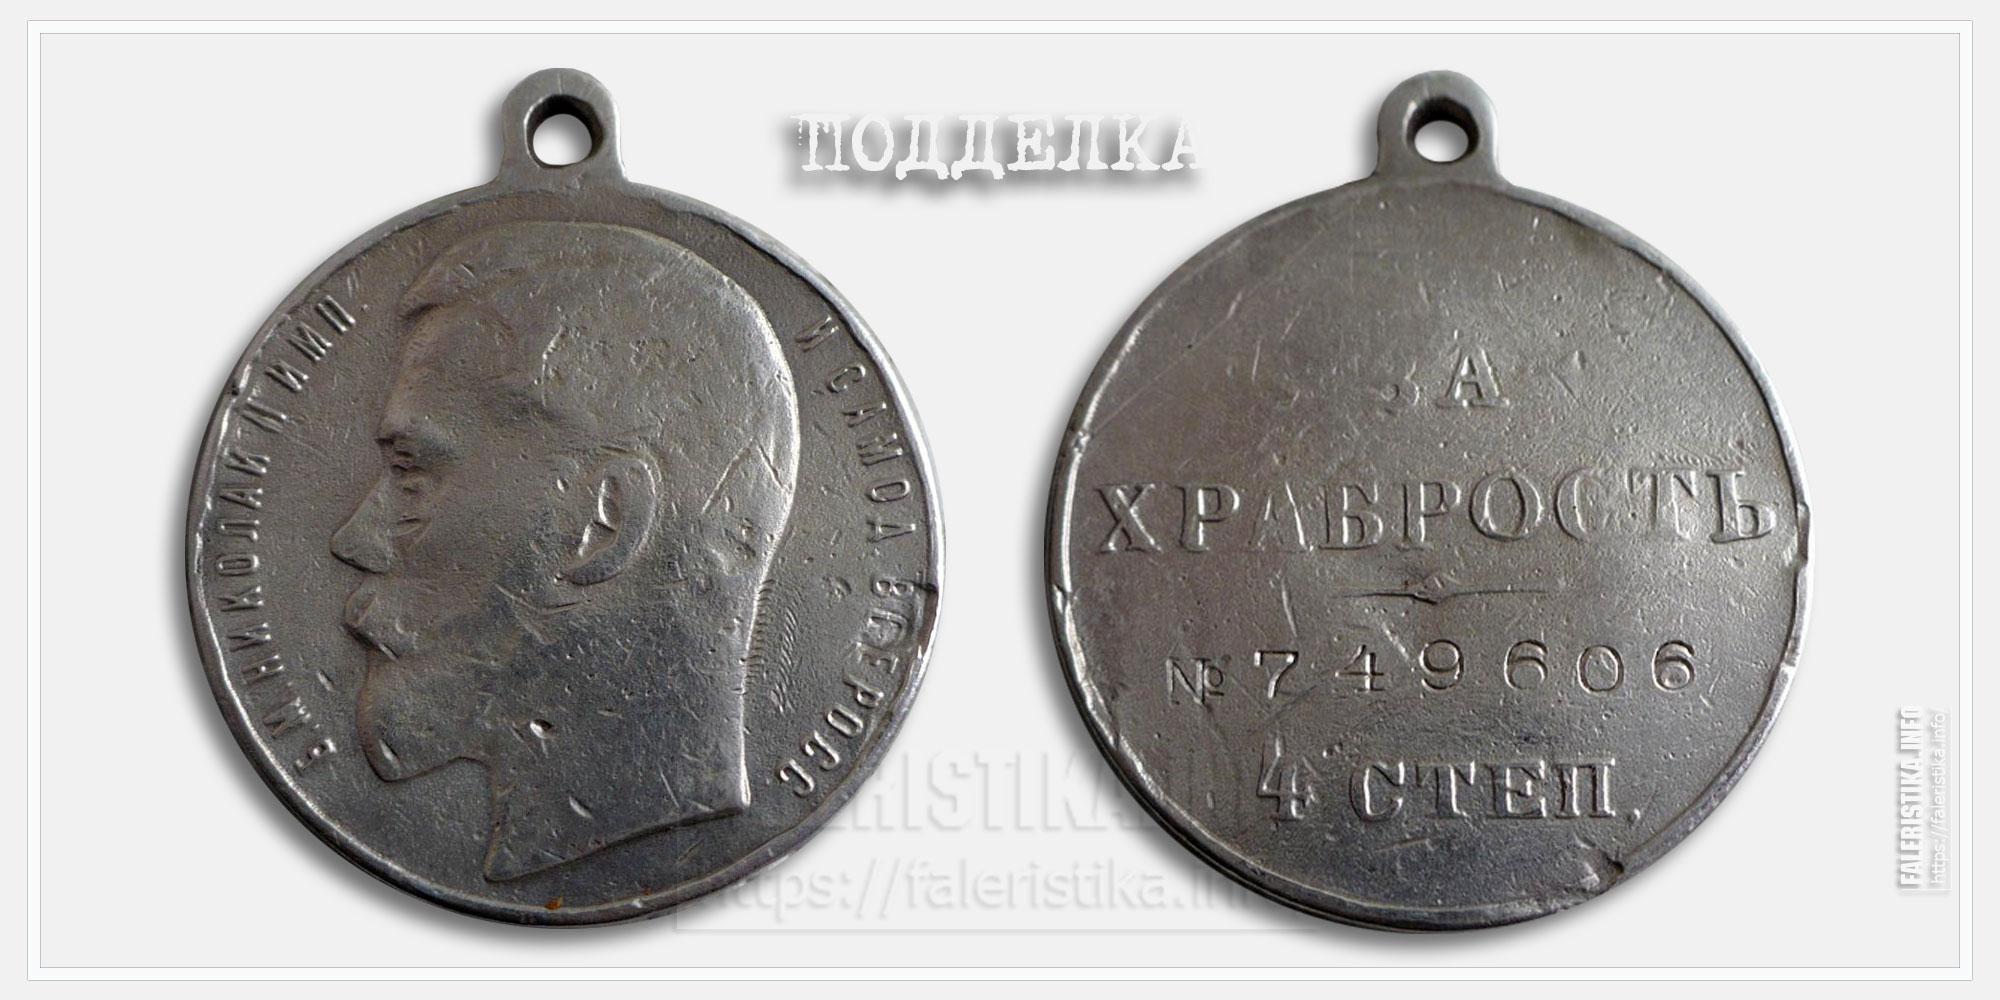 """Медаль """"За храбрость"""" 4 ст. №749606 (подделка)"""